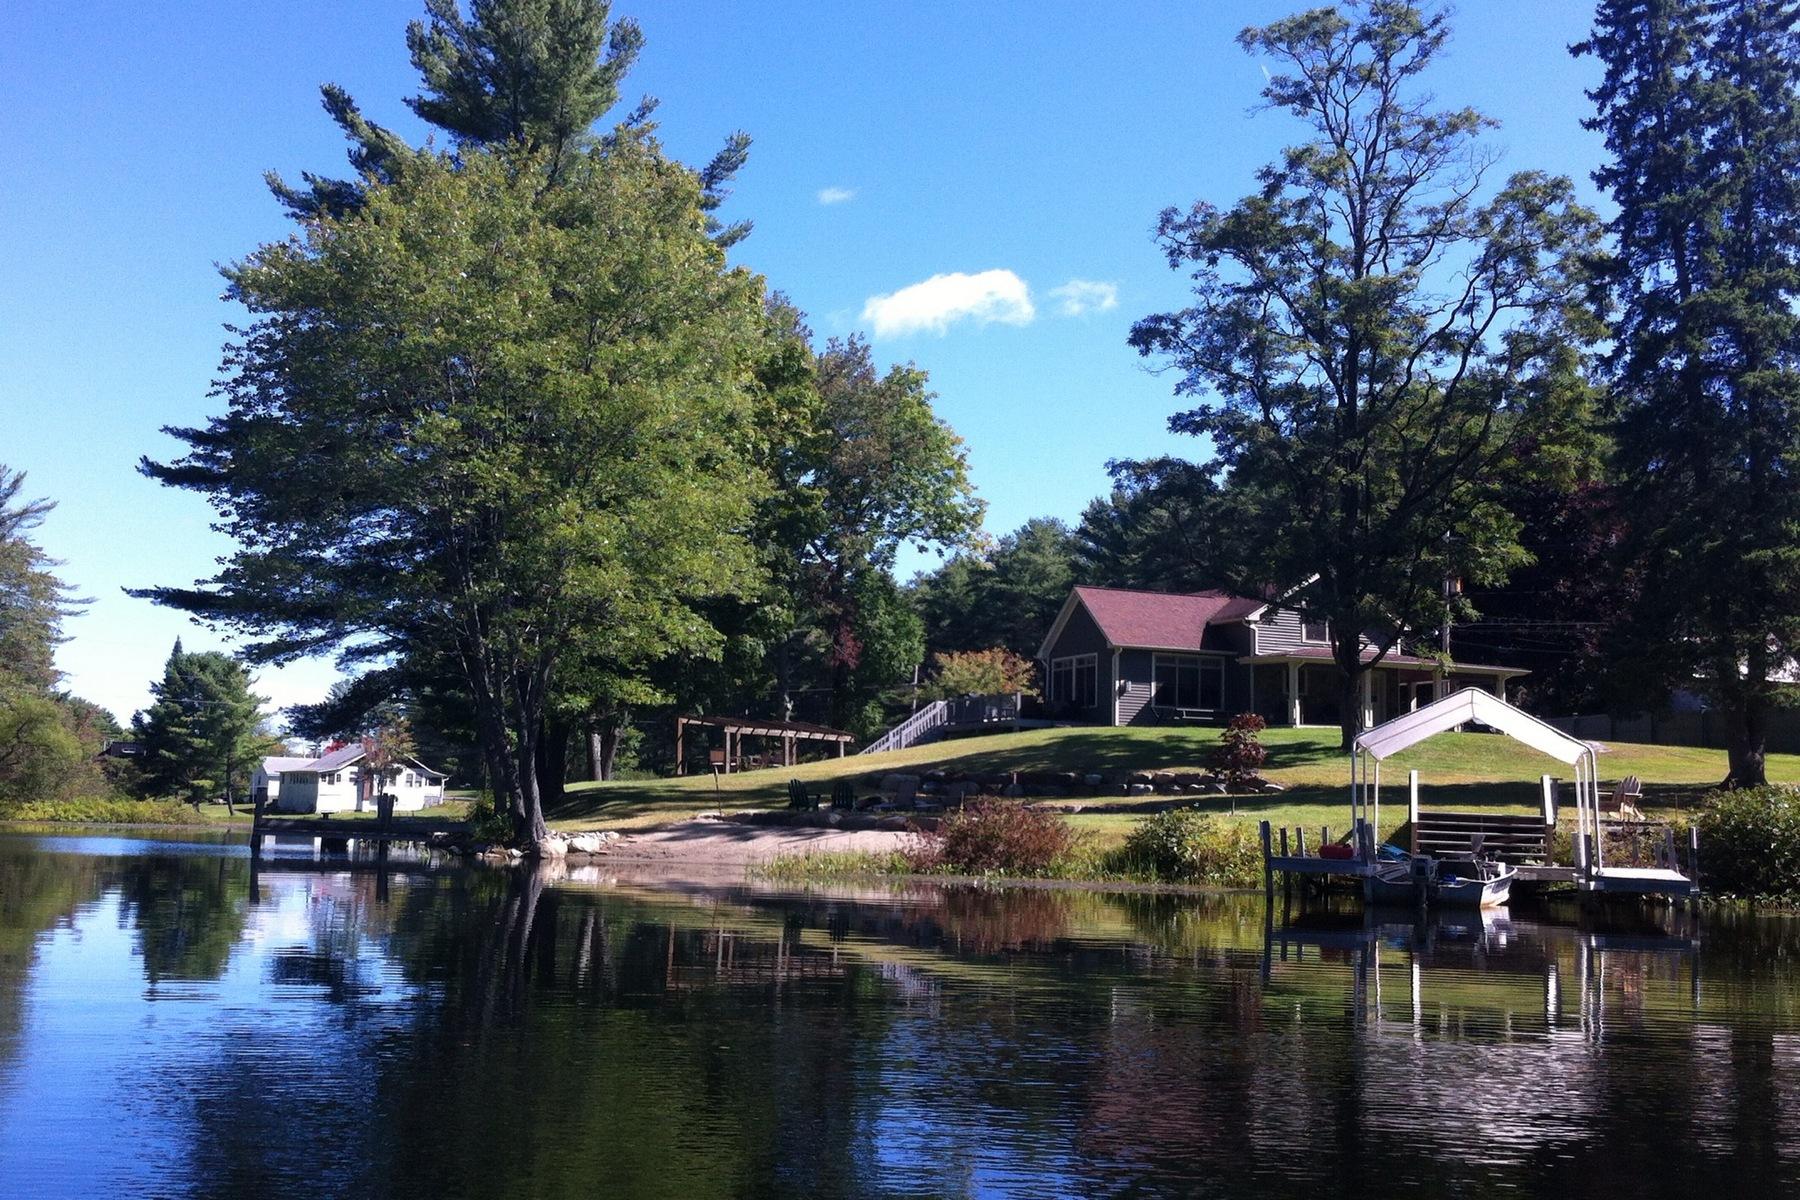 独户住宅 为 销售 在 Brant Lake Cottage 6653 State Route8 荷里康, 纽约州 12815 美国